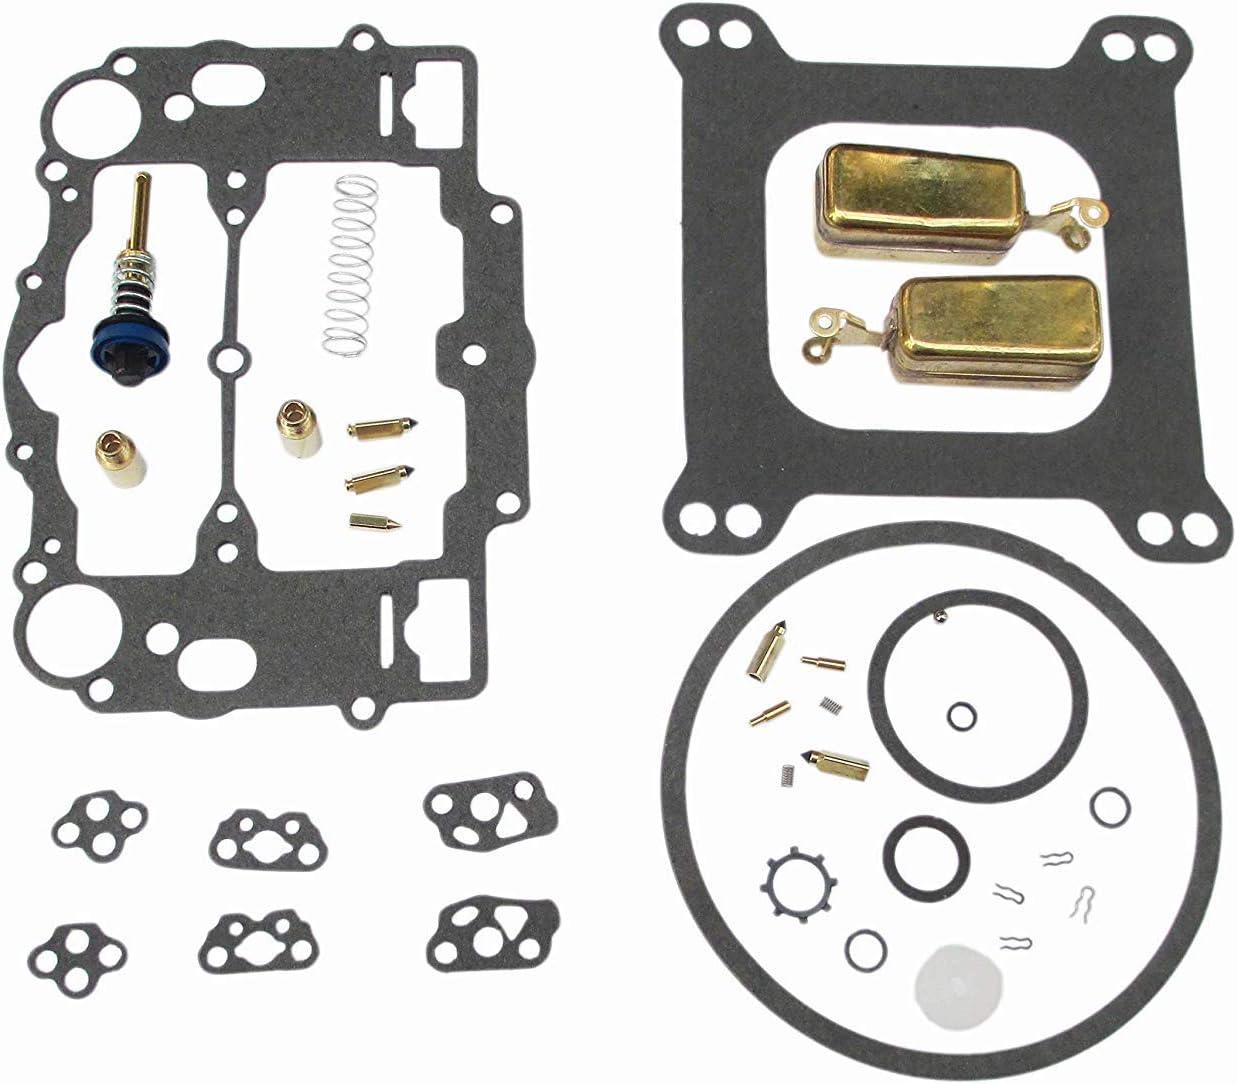 Replace Edelbrock Carter AFB Carb Rebuild Kit 1400 1403 1404 1405 1406 1407 1409